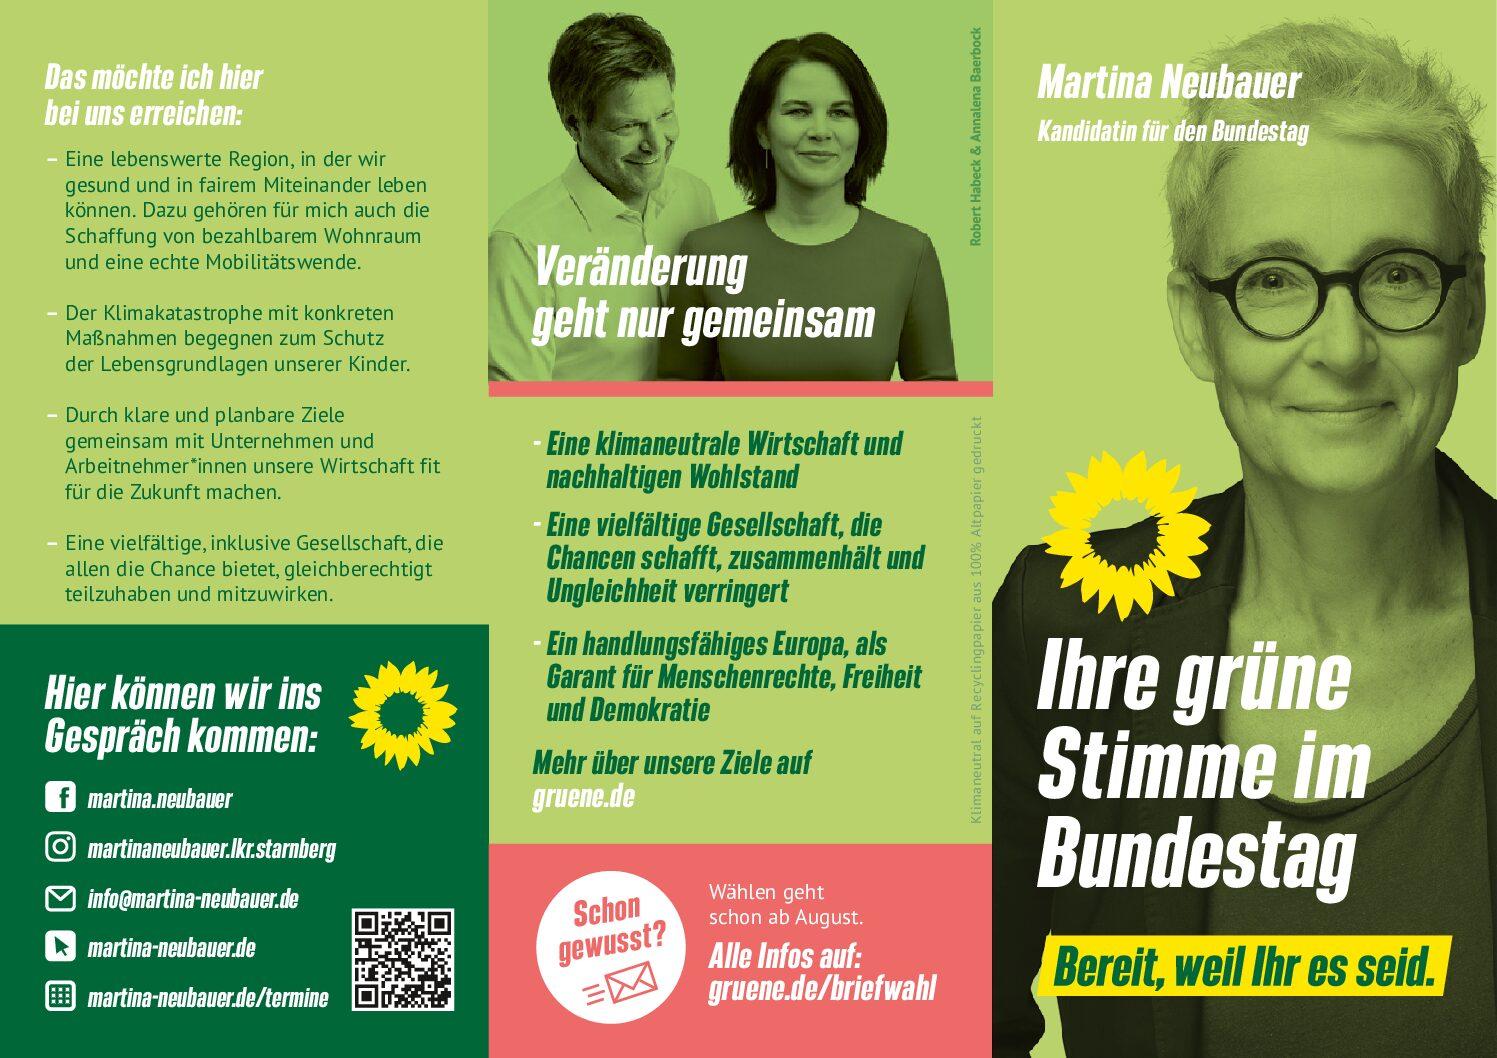 Martina Neubauer: Bereit weil Ihr es seid!